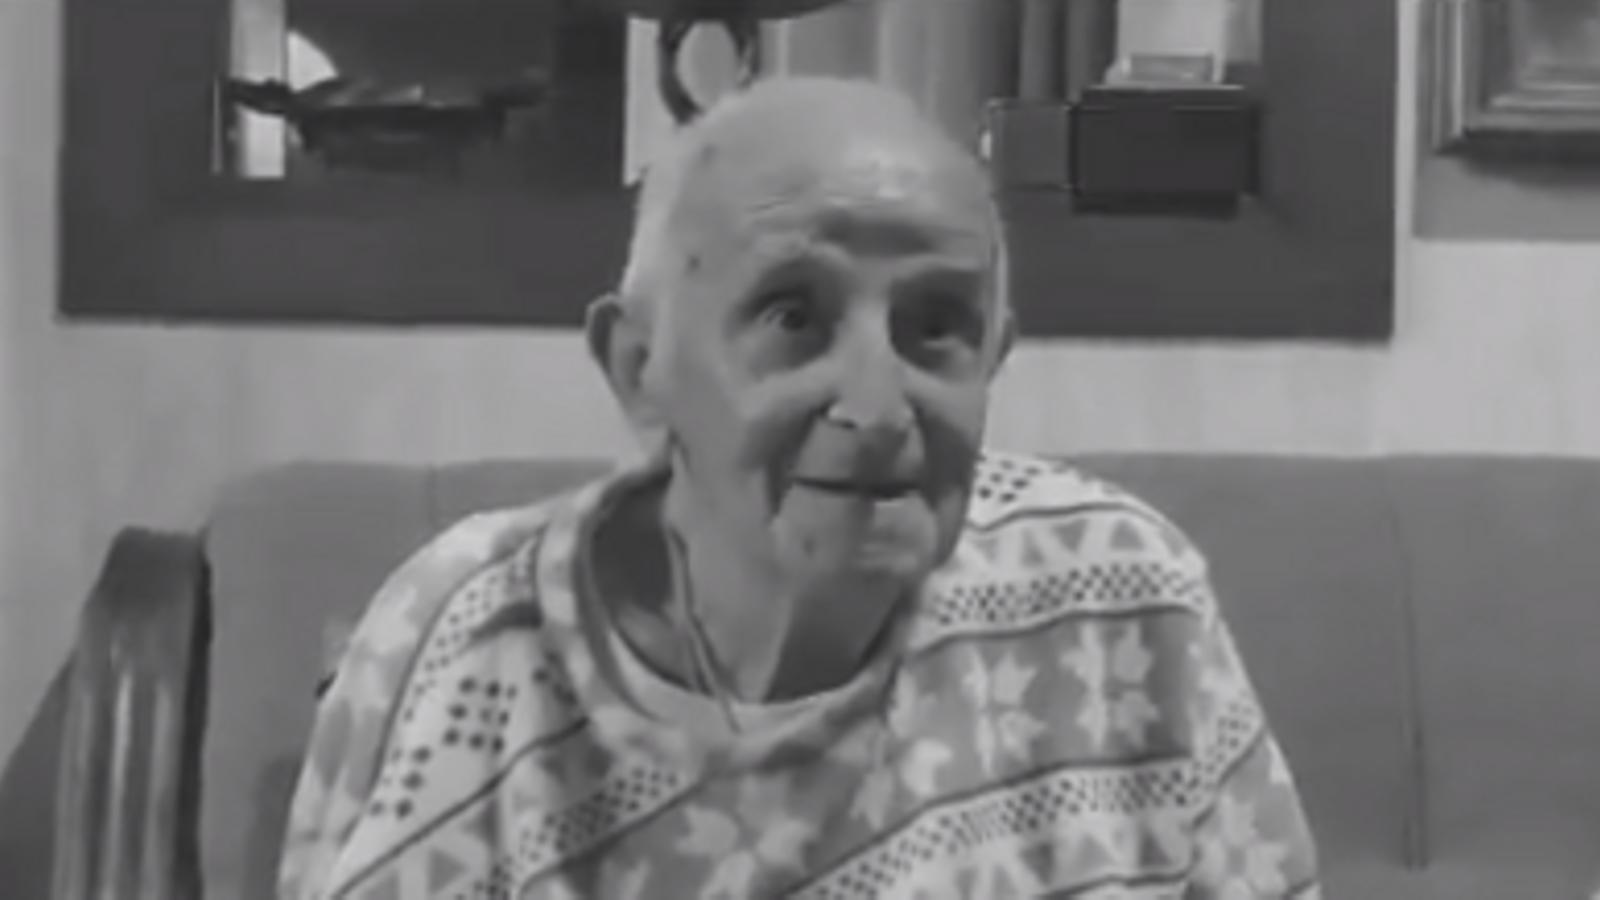 El cas de desnonament d'un home de 92 anys del Clot que ha arribat a l'ONU